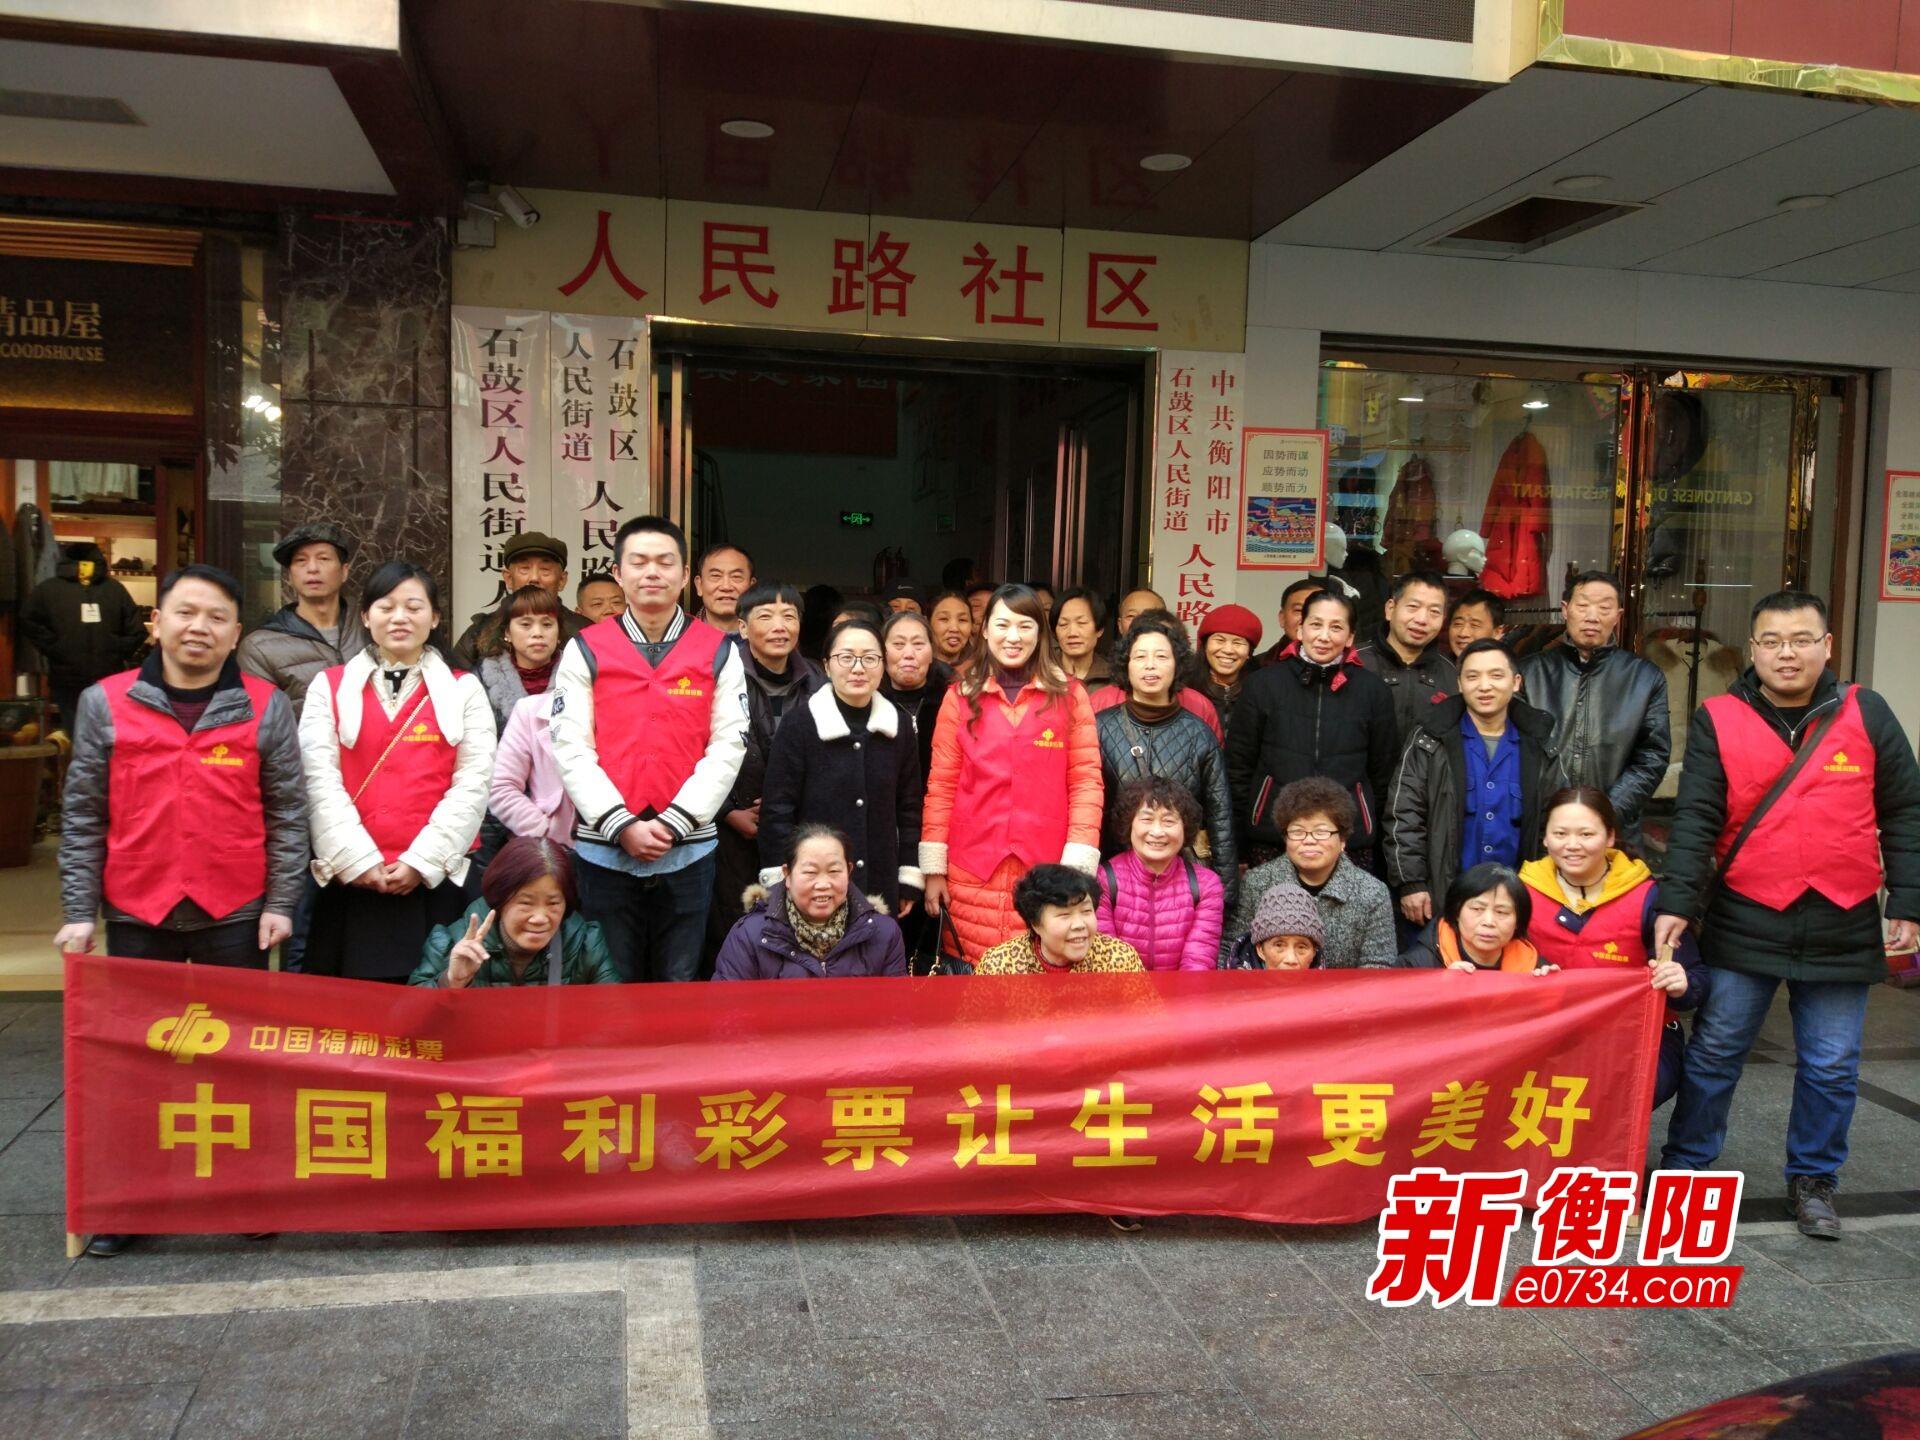 衡阳市福彩中心志愿者节前慰问困难党员和群众